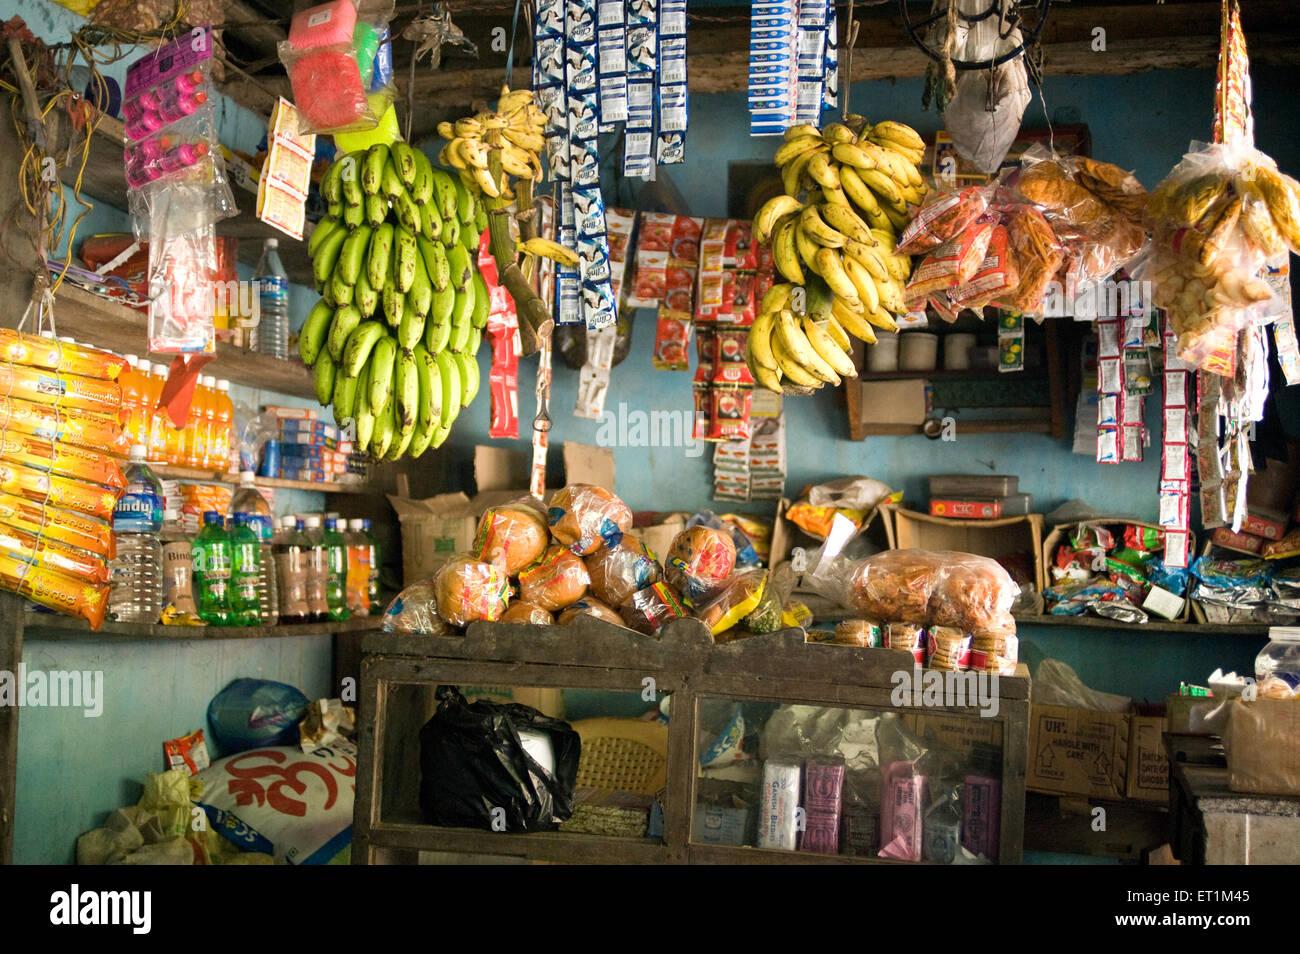 ... produit marque odwalla shop shopping jus de fruits bouteille plastique  vitrine réfrigérée. BK7PNE (RM). Karnataka Inde   boutique   Photo Stock e1e1e36312fd